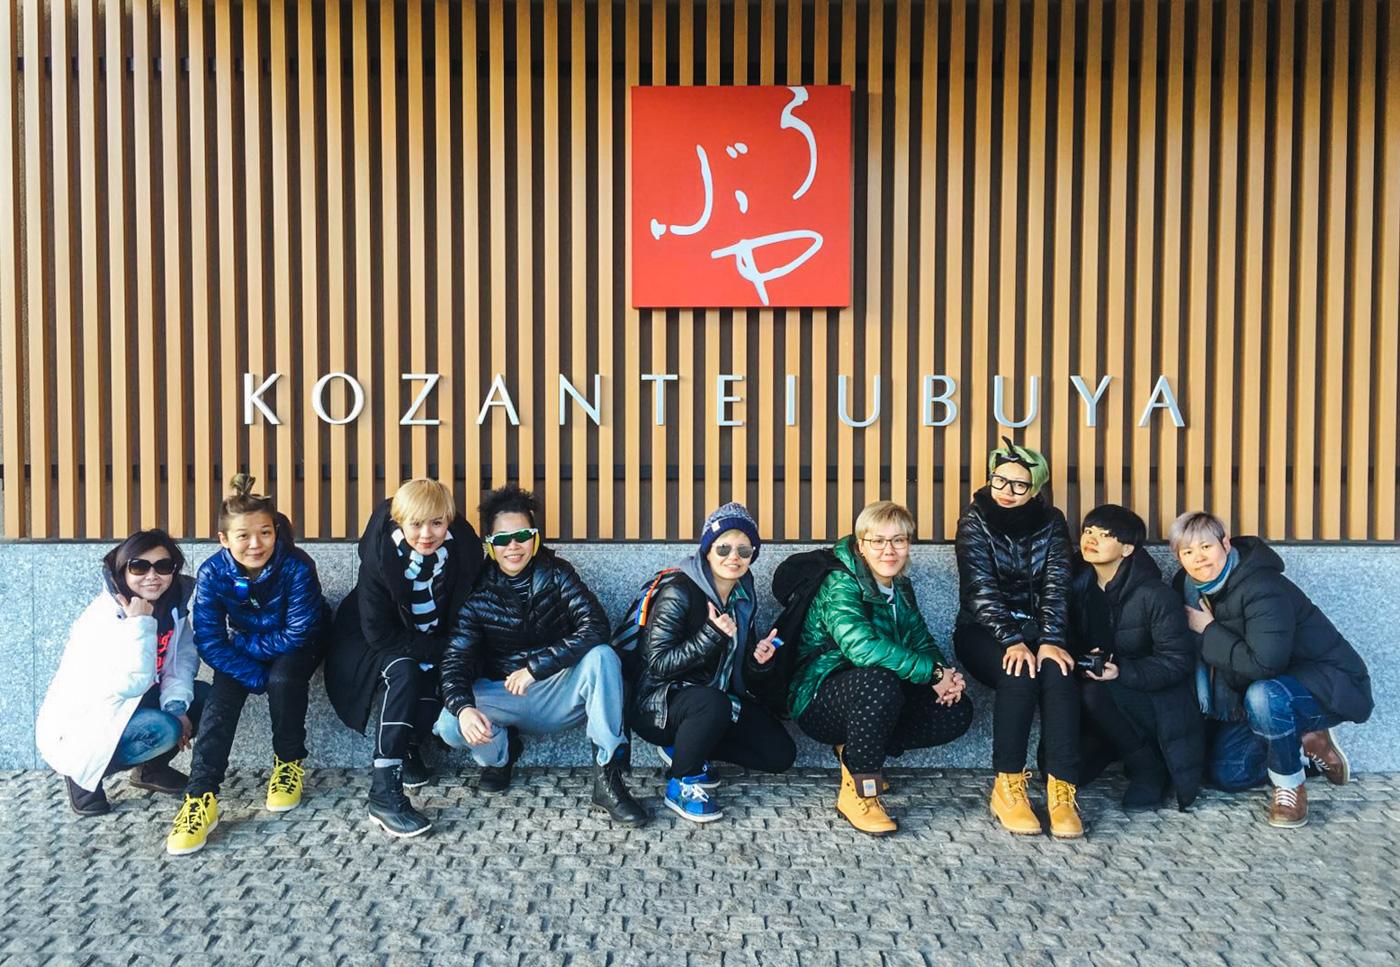 Japan - Mount Fuji - Our happy group shot at Kozanteiubuya Ubuya Hotel entrance